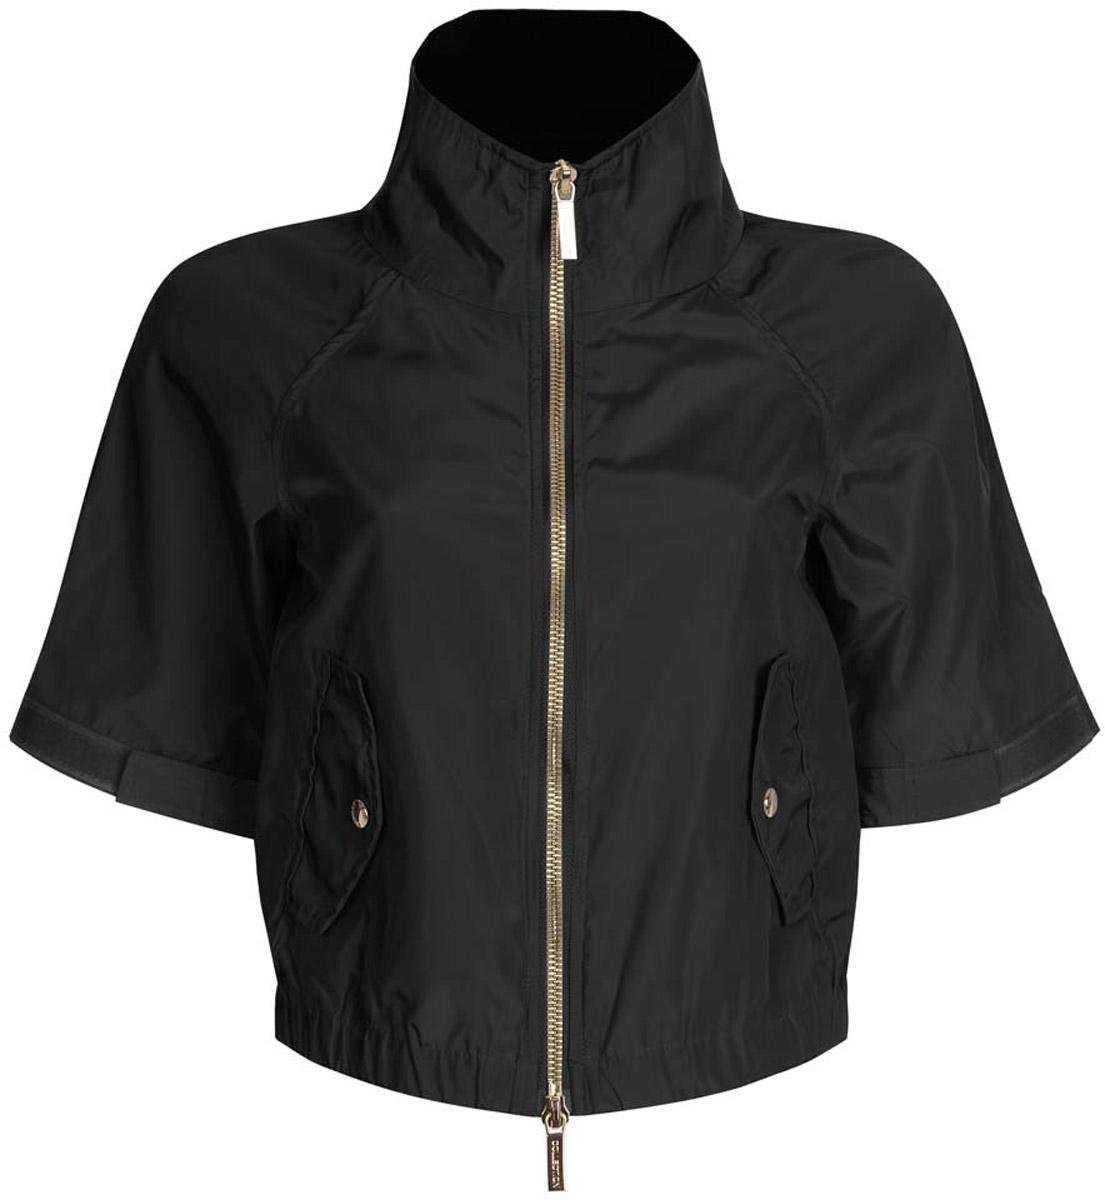 Куртка женская oodji Ultra, цвет: черный. 10307004/45462/2900N. Размер 40-170 (46-170)10307004/45462/2900NСтильная женская куртка oodji Ultra выполнена из качественного полиэстера. Куртка укороченной модели с рукавами-реглан длиной 3/4 и воротником-стойкой. Застегивается модель спереди на застежку-молнию. Низ куртки на широкой эластичной резинке. По бокам и на манжетах изделие дополнено хлястиками, которые регулируют посадку и объем с помощью липучек. Спереди куртка оформлена двумя втачными карманами с клапанами на кнопках.